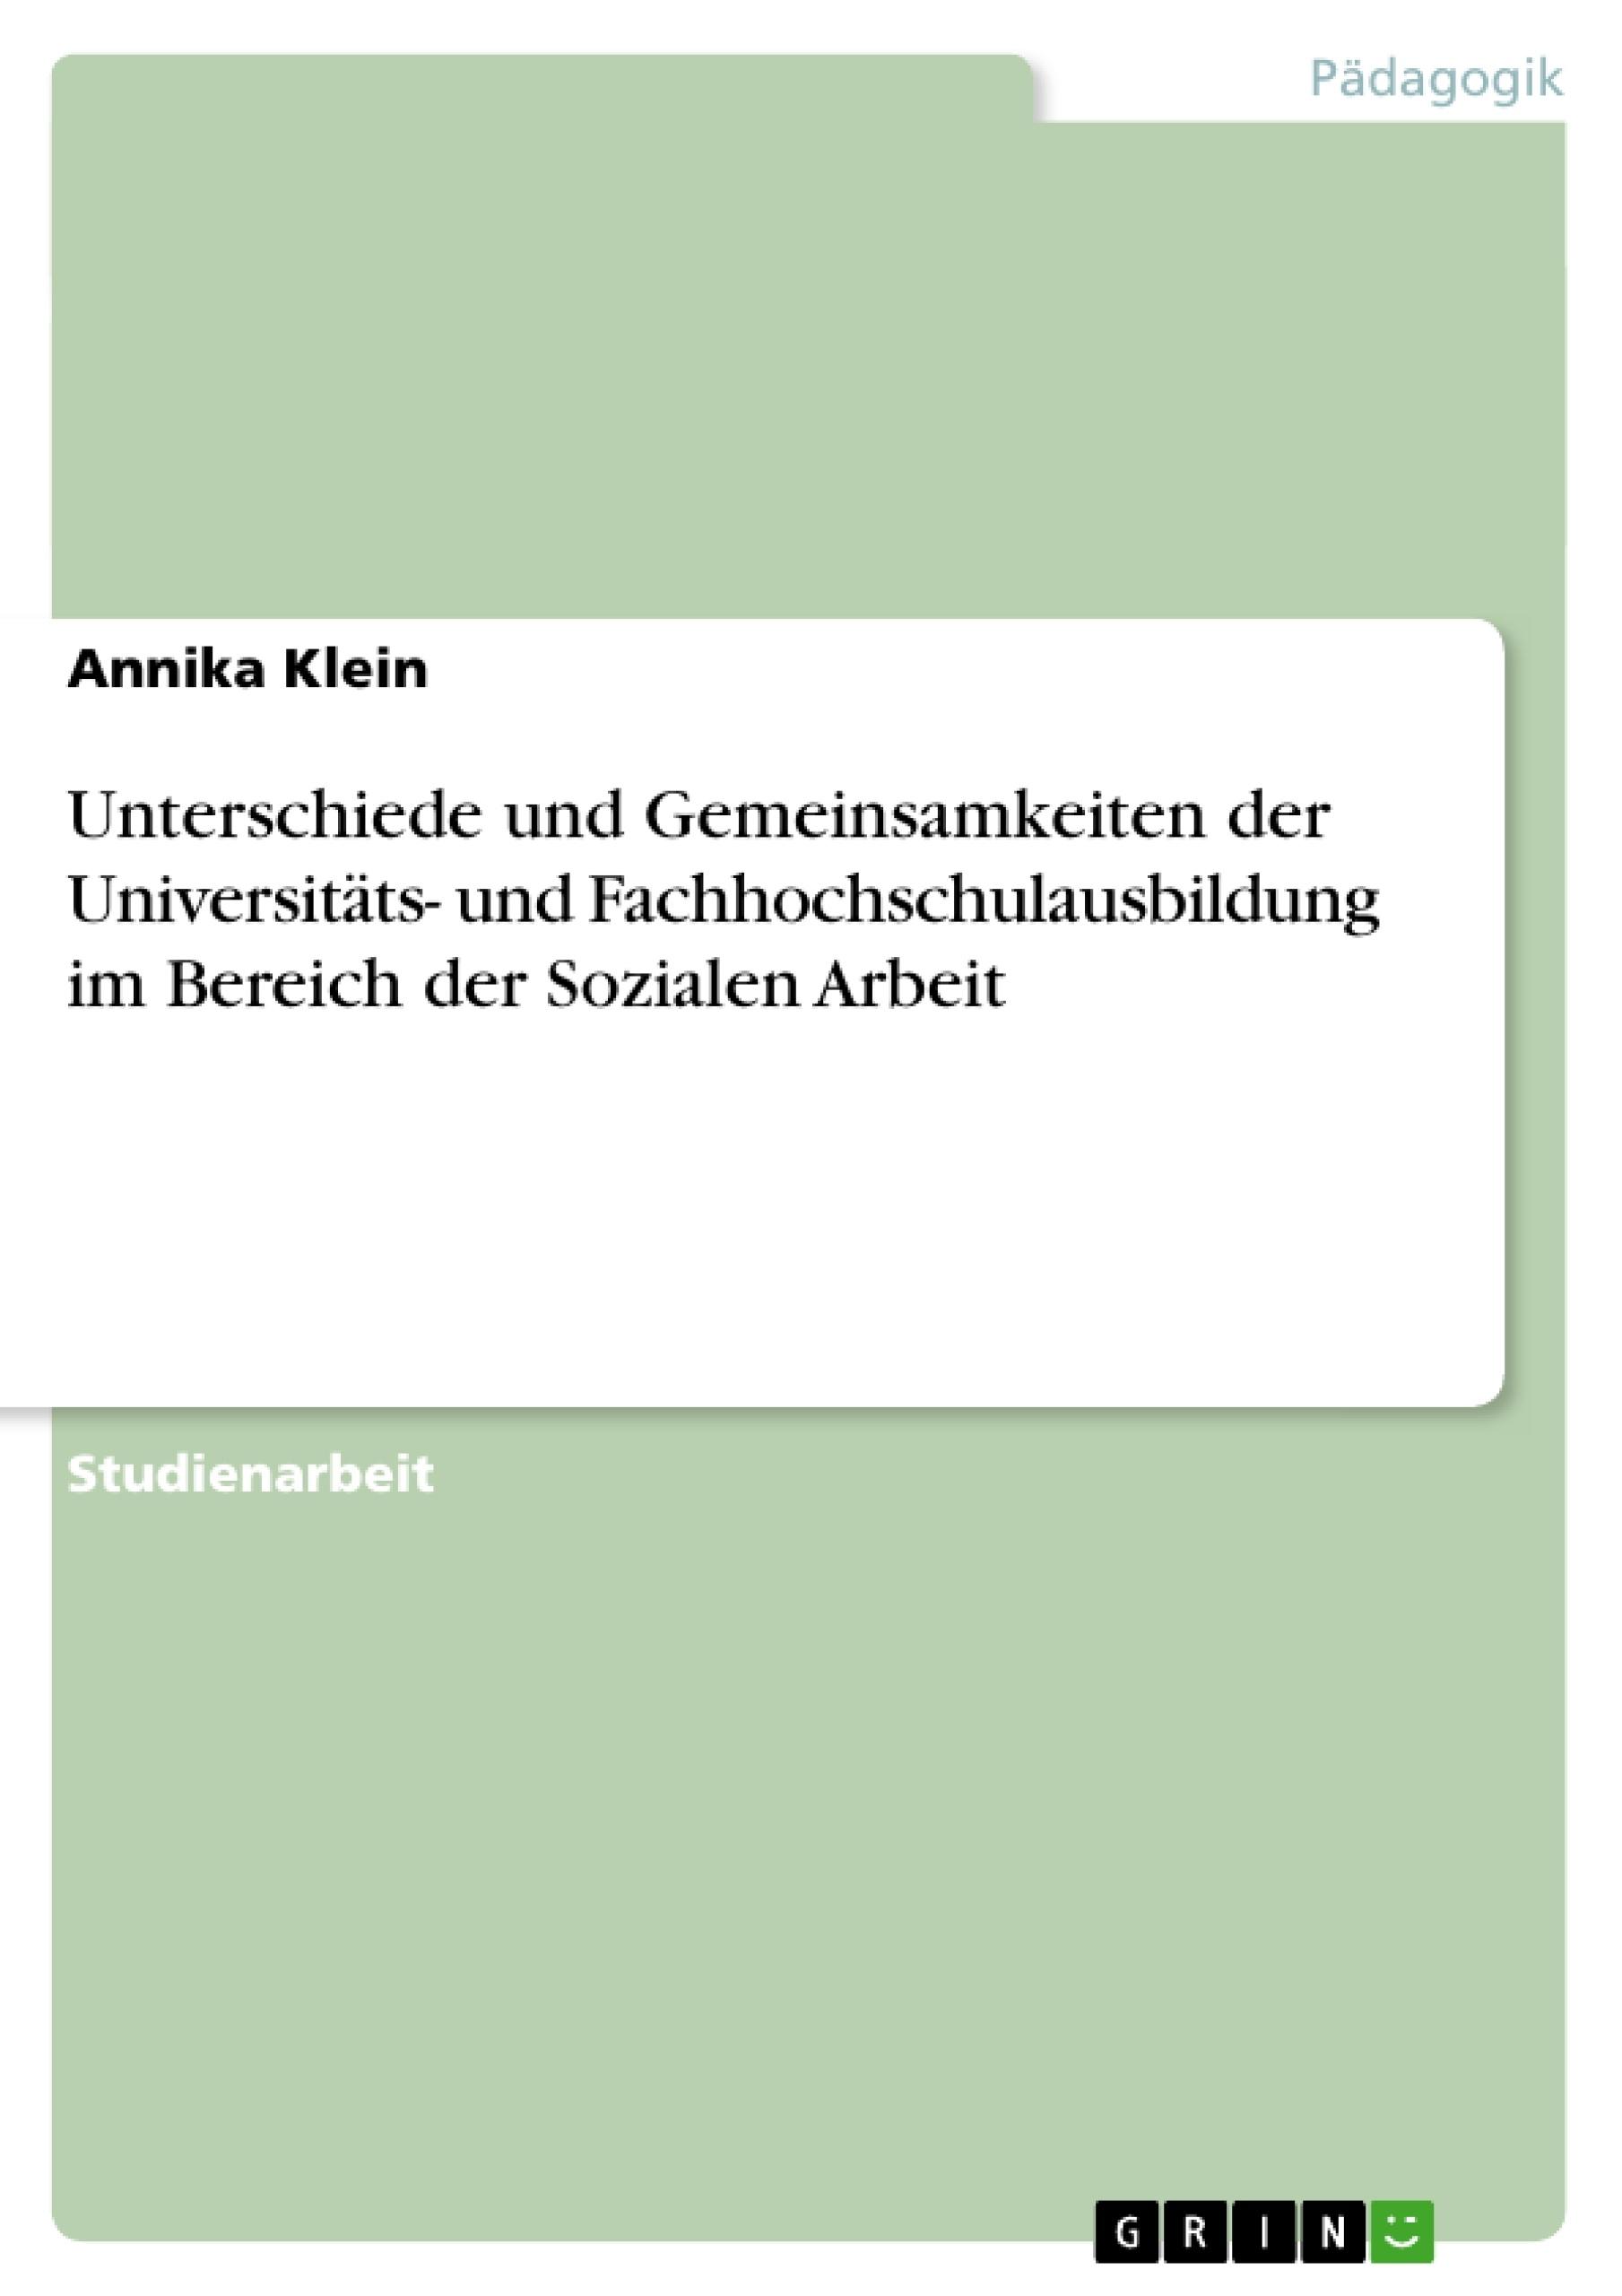 Titel: Unterschiede und Gemeinsamkeiten der Universitäts- und Fachhochschulausbildung im Bereich der Sozialen Arbeit